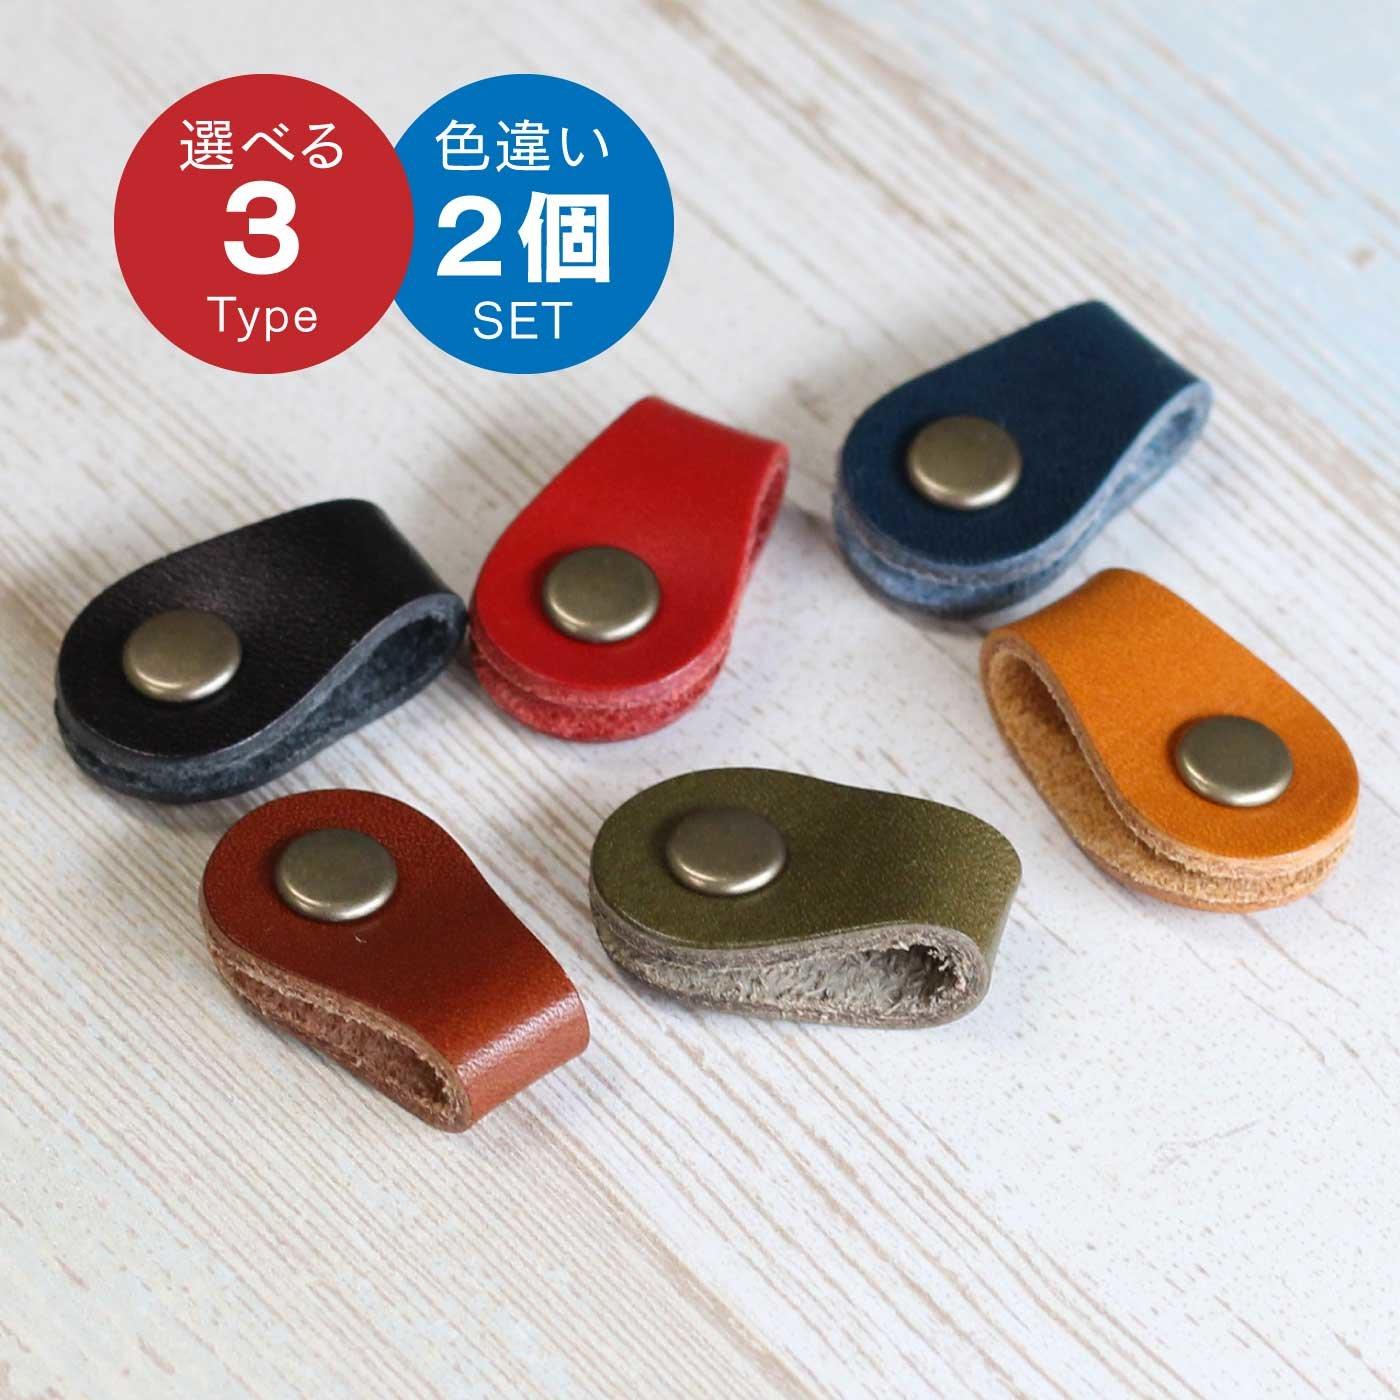 【特急便】VIE 栃木レザーを使った ハンドメイドコードクリップ